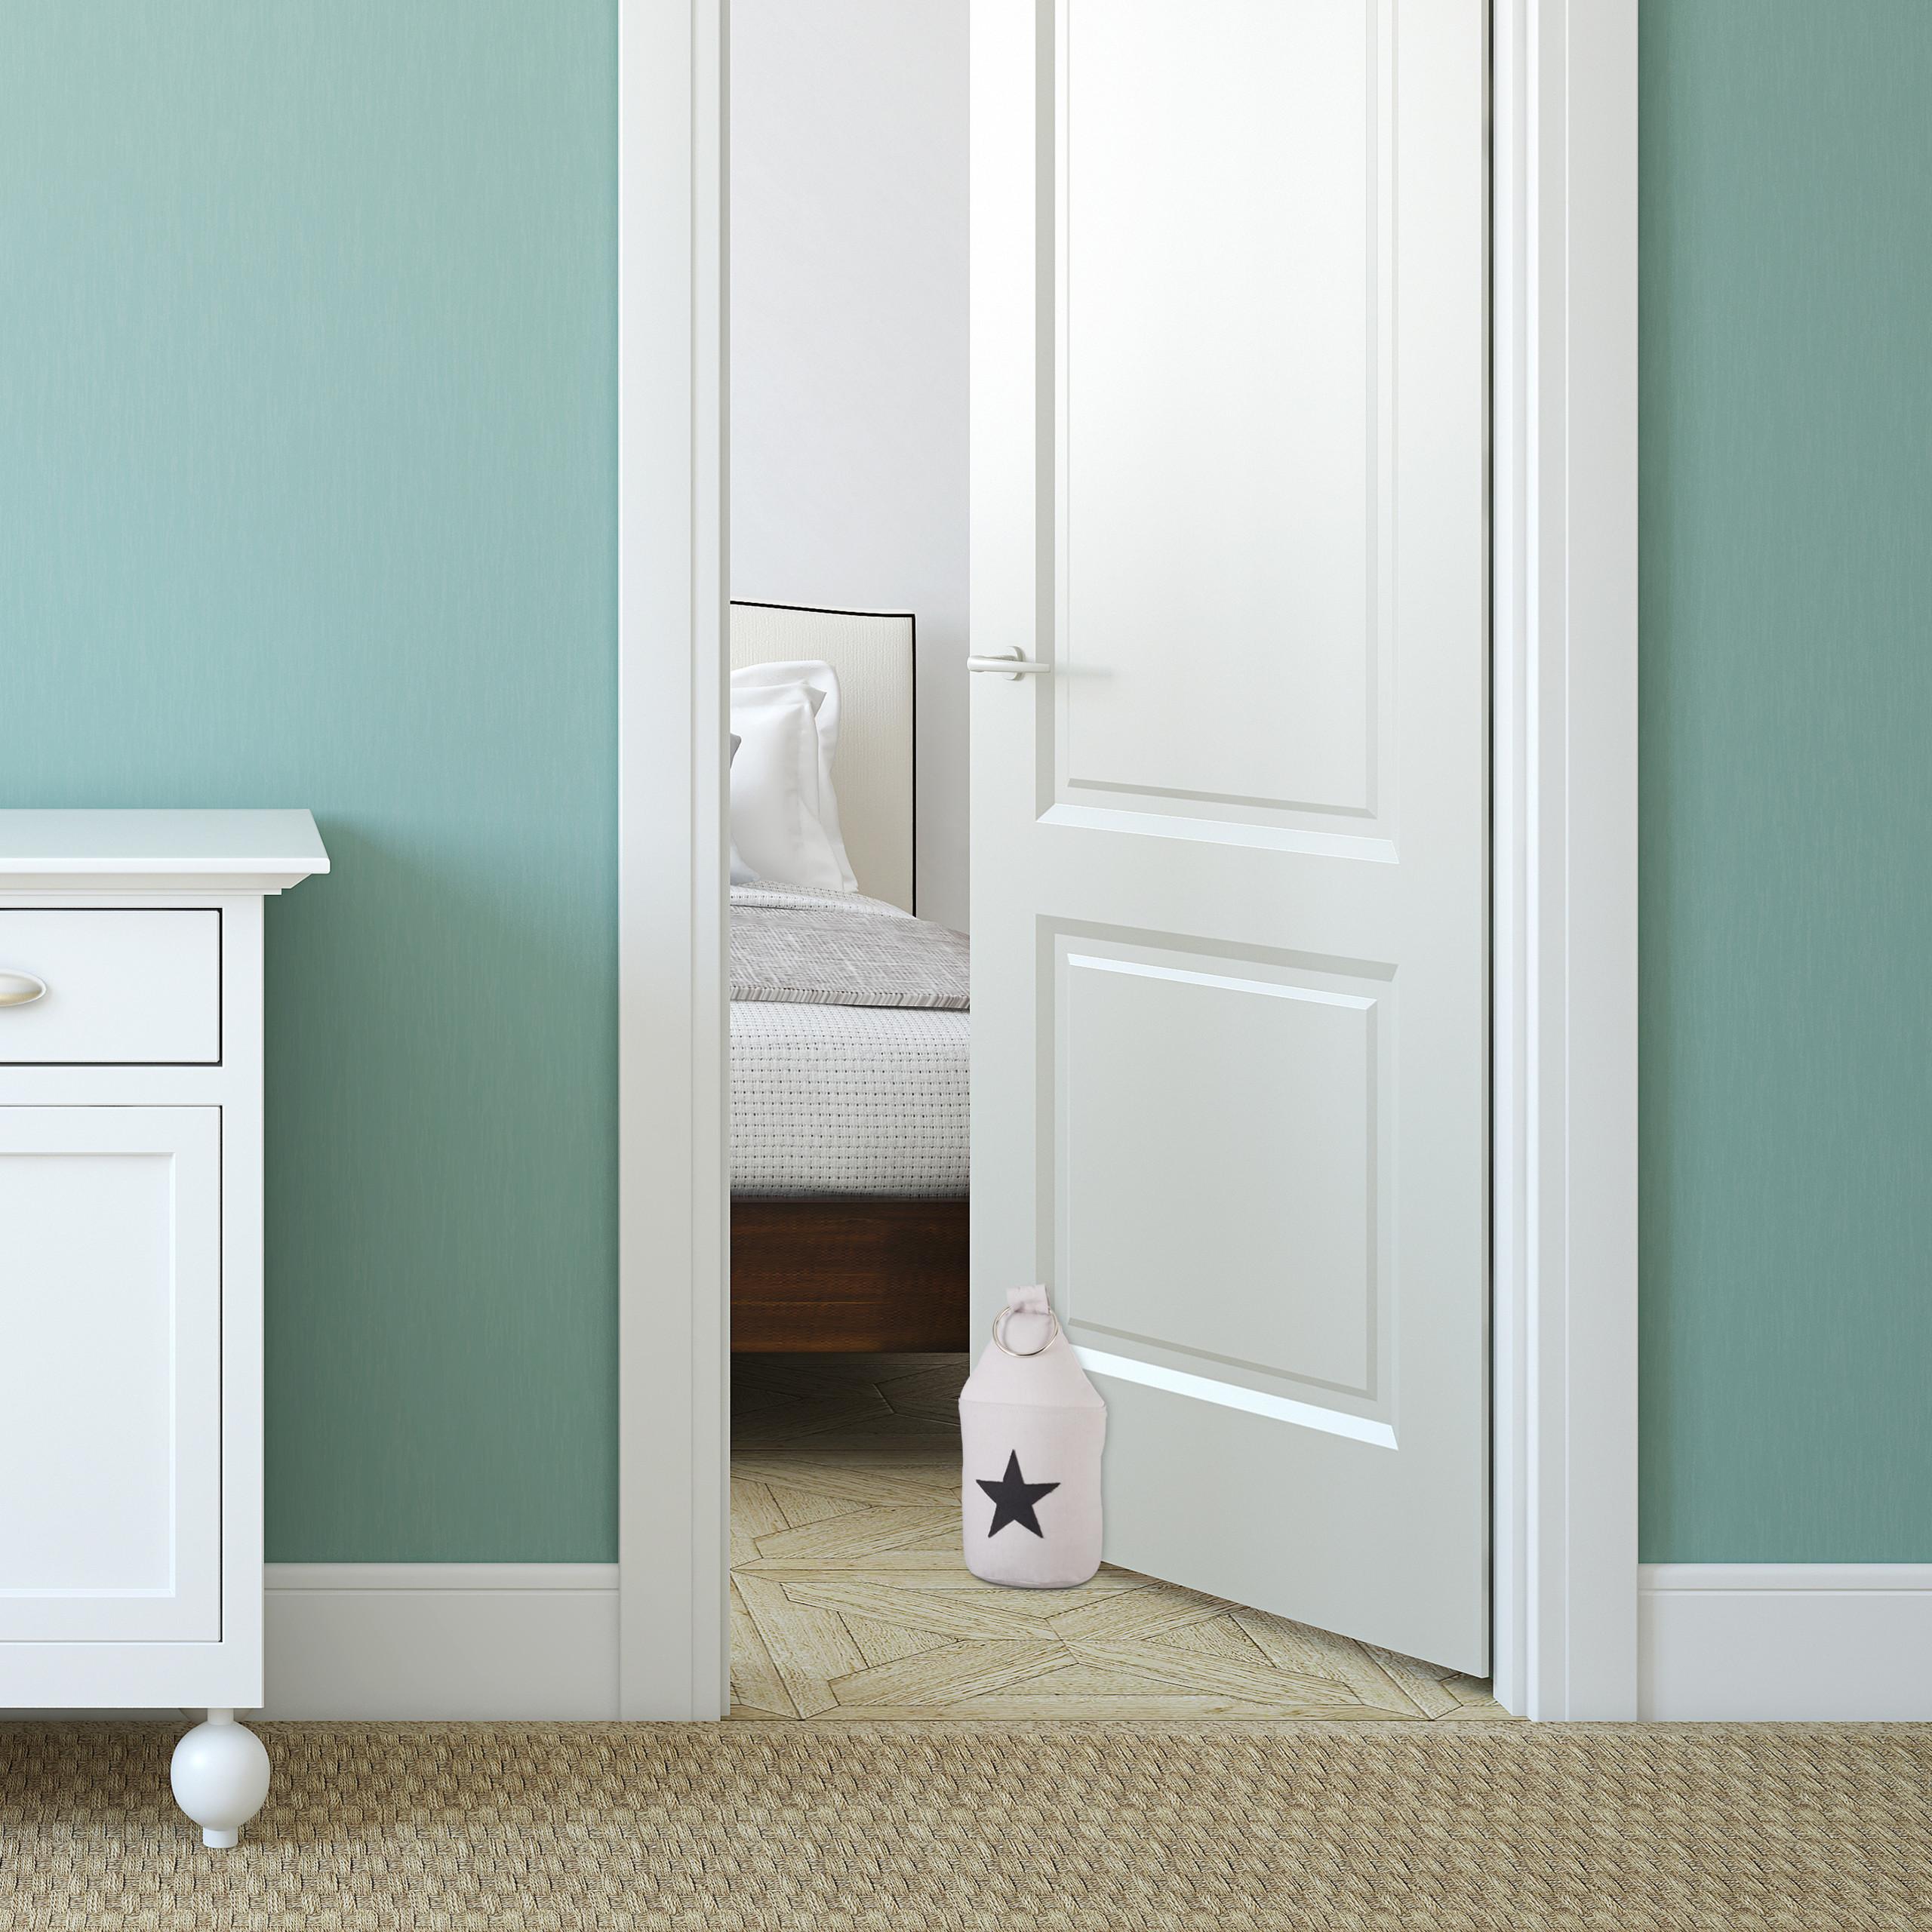 Door-Stop-with-Star-Fabric-Bumper-Floor-Doorstop-Tall-with-Handle-Chic thumbnail 16